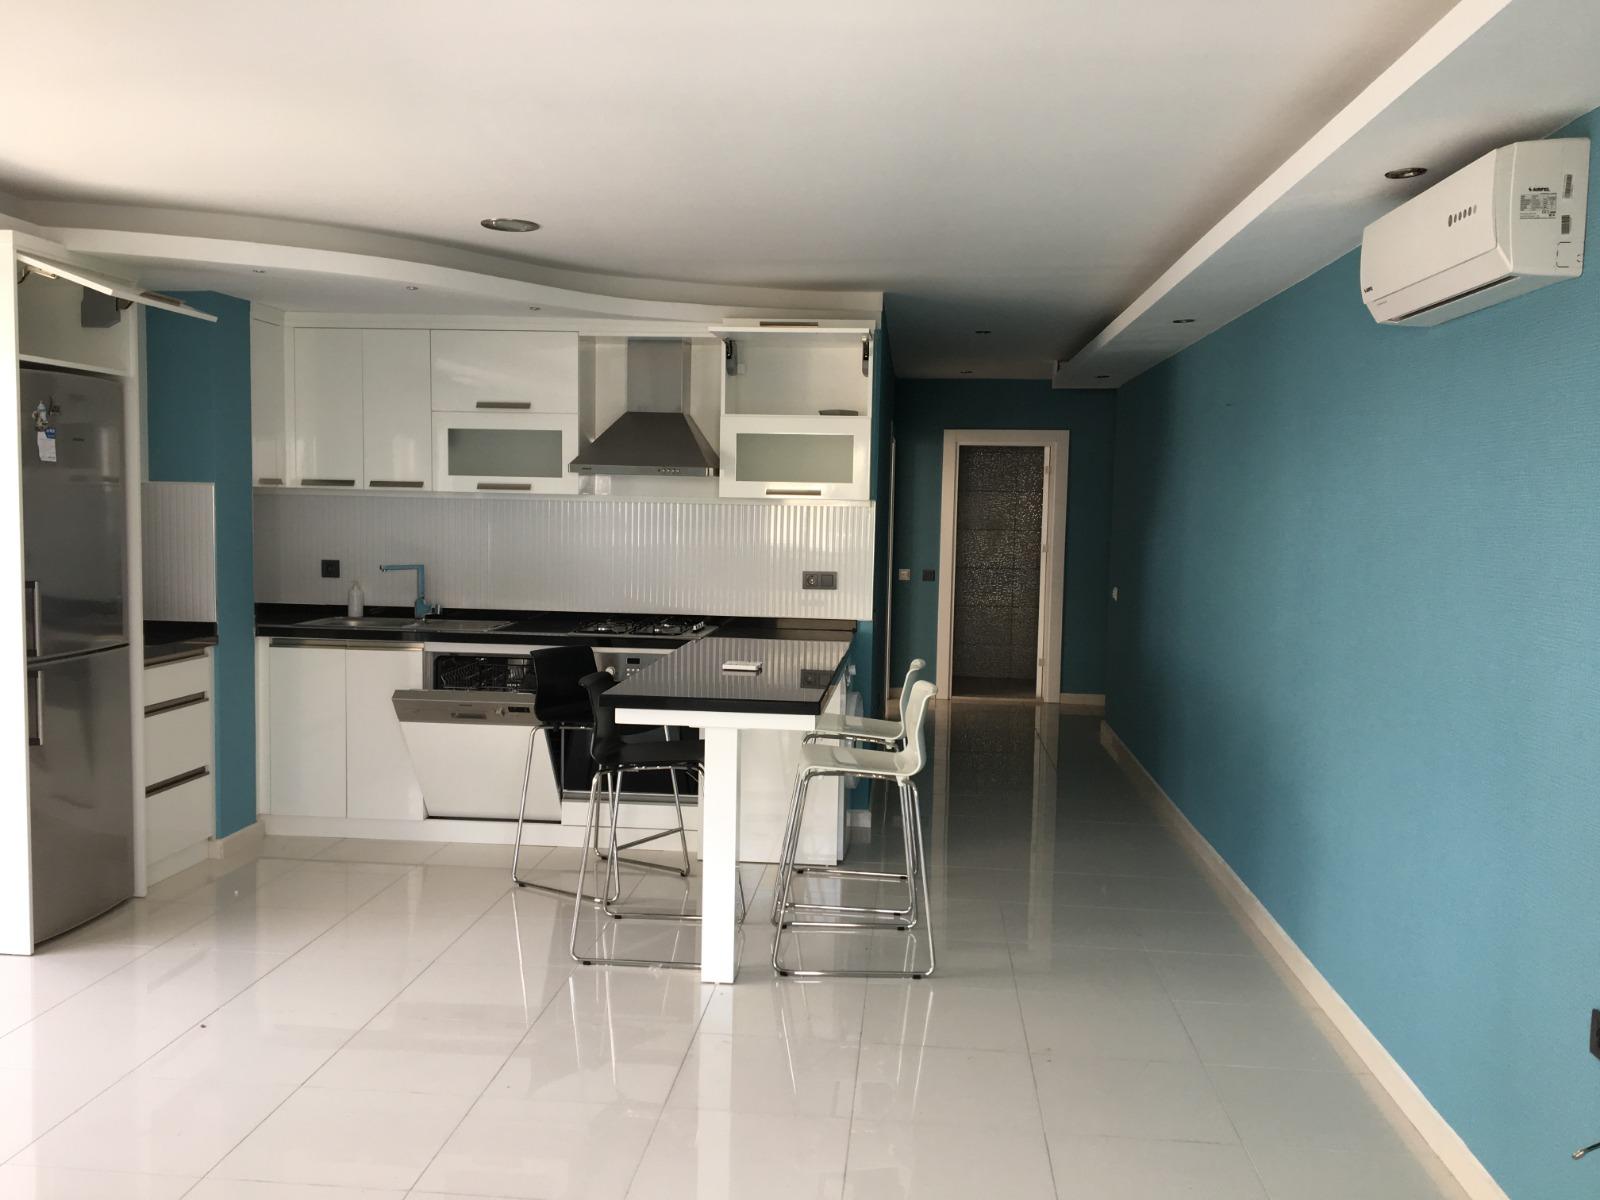 Квартира 1+1 в современном комплексе, Аланья, Турция